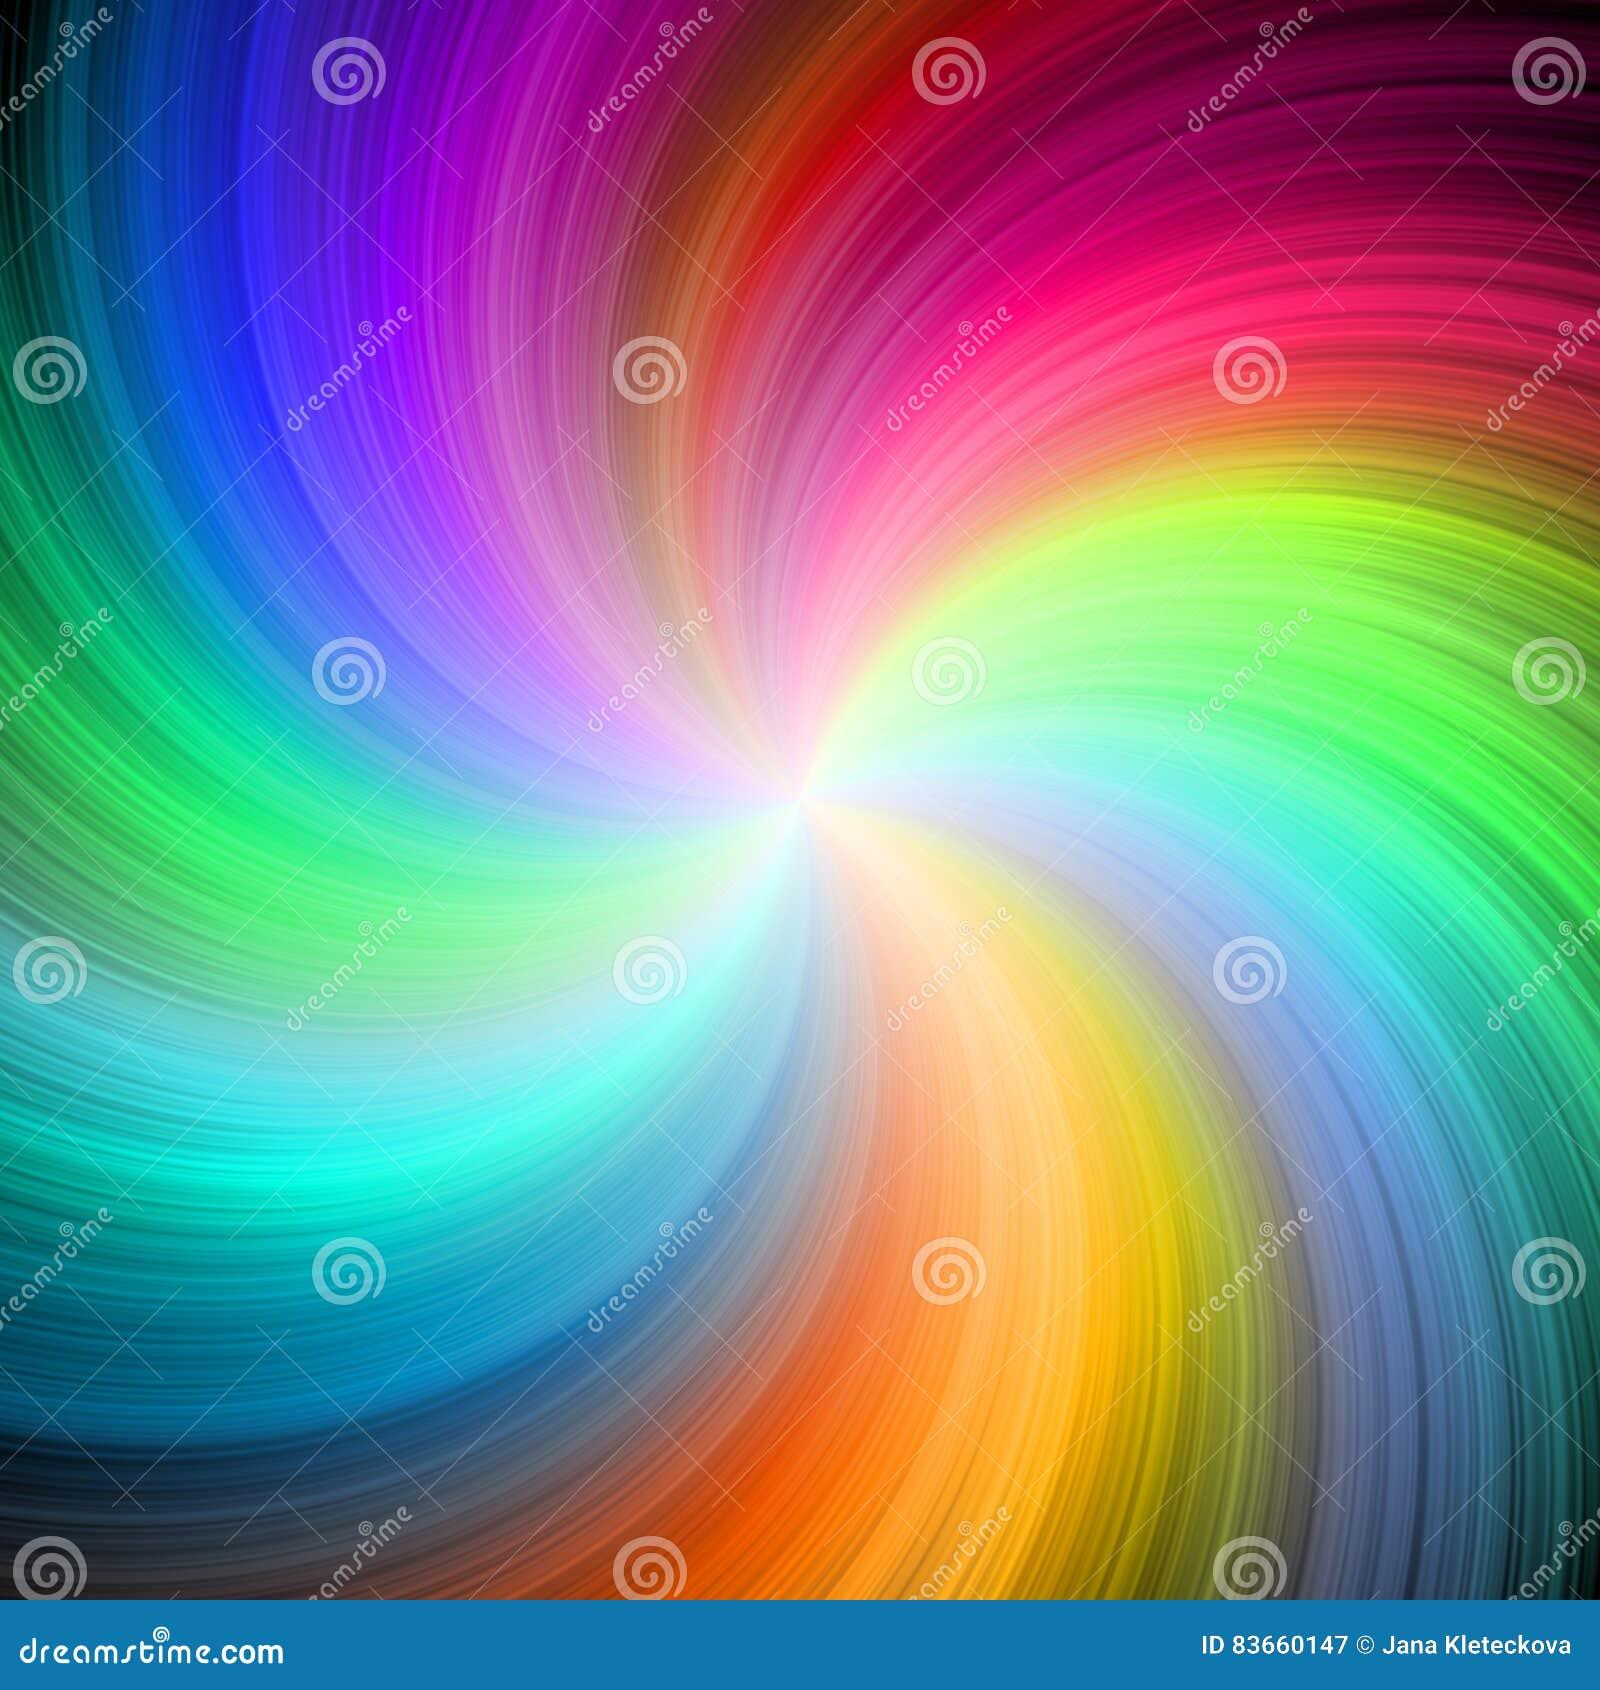 Bella Immagine Di Sfondo Allegra Di Turbinio Dell Arcobaleno Illustrazione Di Stock Illustrazione Di Allegro Ottimista 83660147